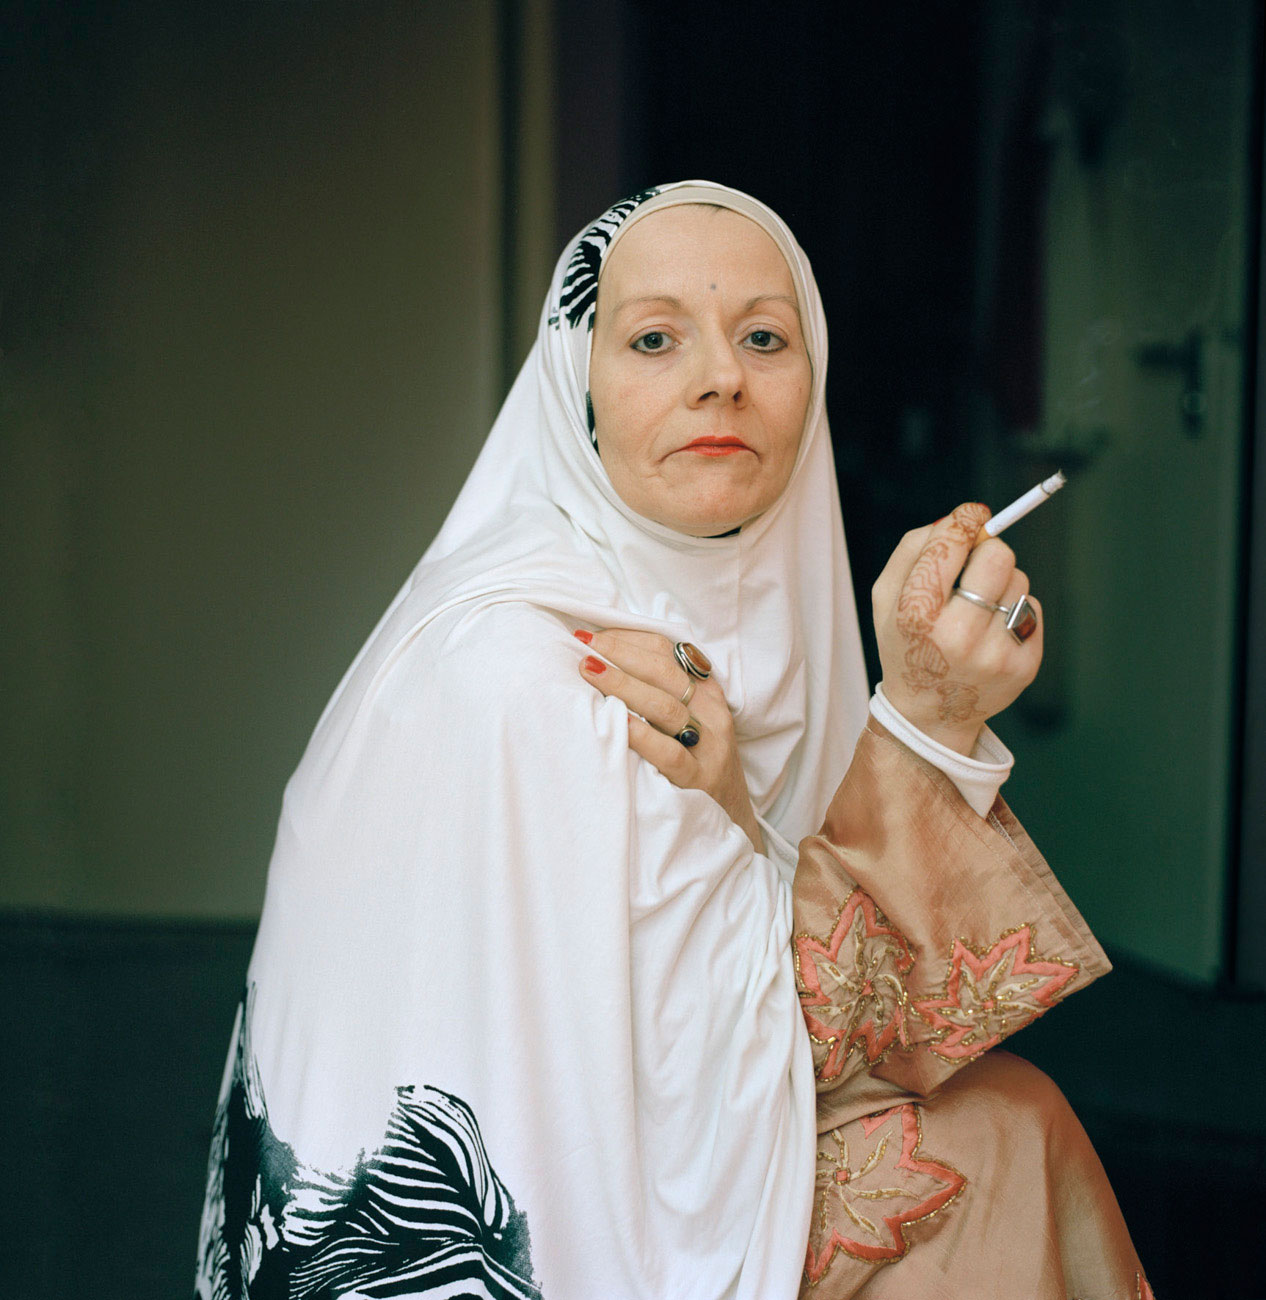 Warum konvertieren Deutsche zum Islam? Durch das fotografische Zwiegespräch mit Konvertiten fragt Lia Darjes, wie der Islam visuell und inhaltlich betrachtet wird und wie schnell wir dabei in tendenziöse Betrachtungsmuster verfallen.